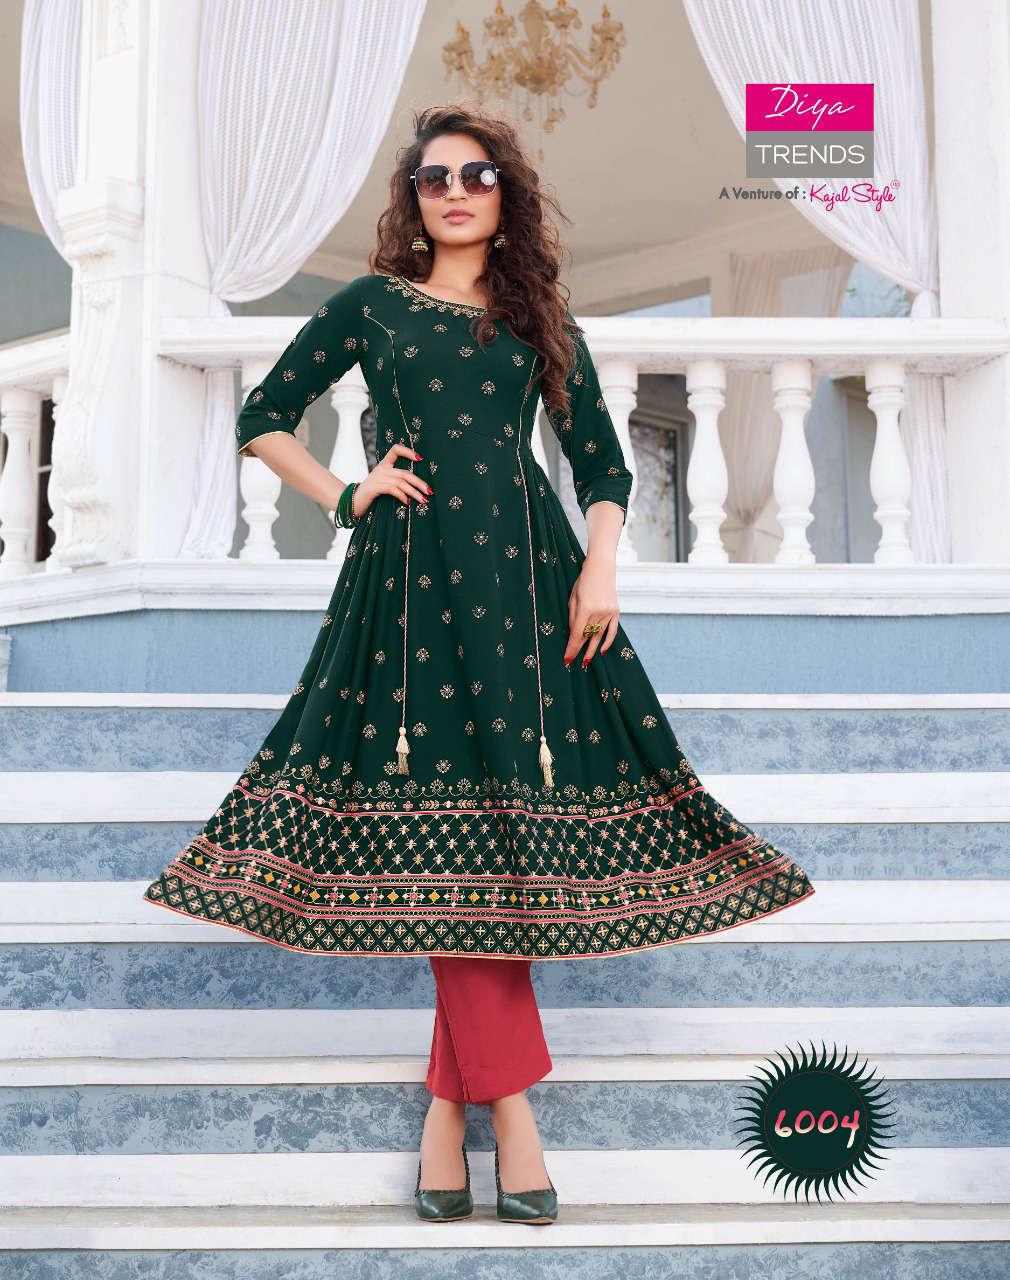 Diya Trends Ethnicity Vol 6 by Kajal Style Kurti Wholesale Catalog 10 Pcs 6 - Diya Trends Ethnicity Vol 6 by Kajal Style Kurti Wholesale Catalog 10 Pcs